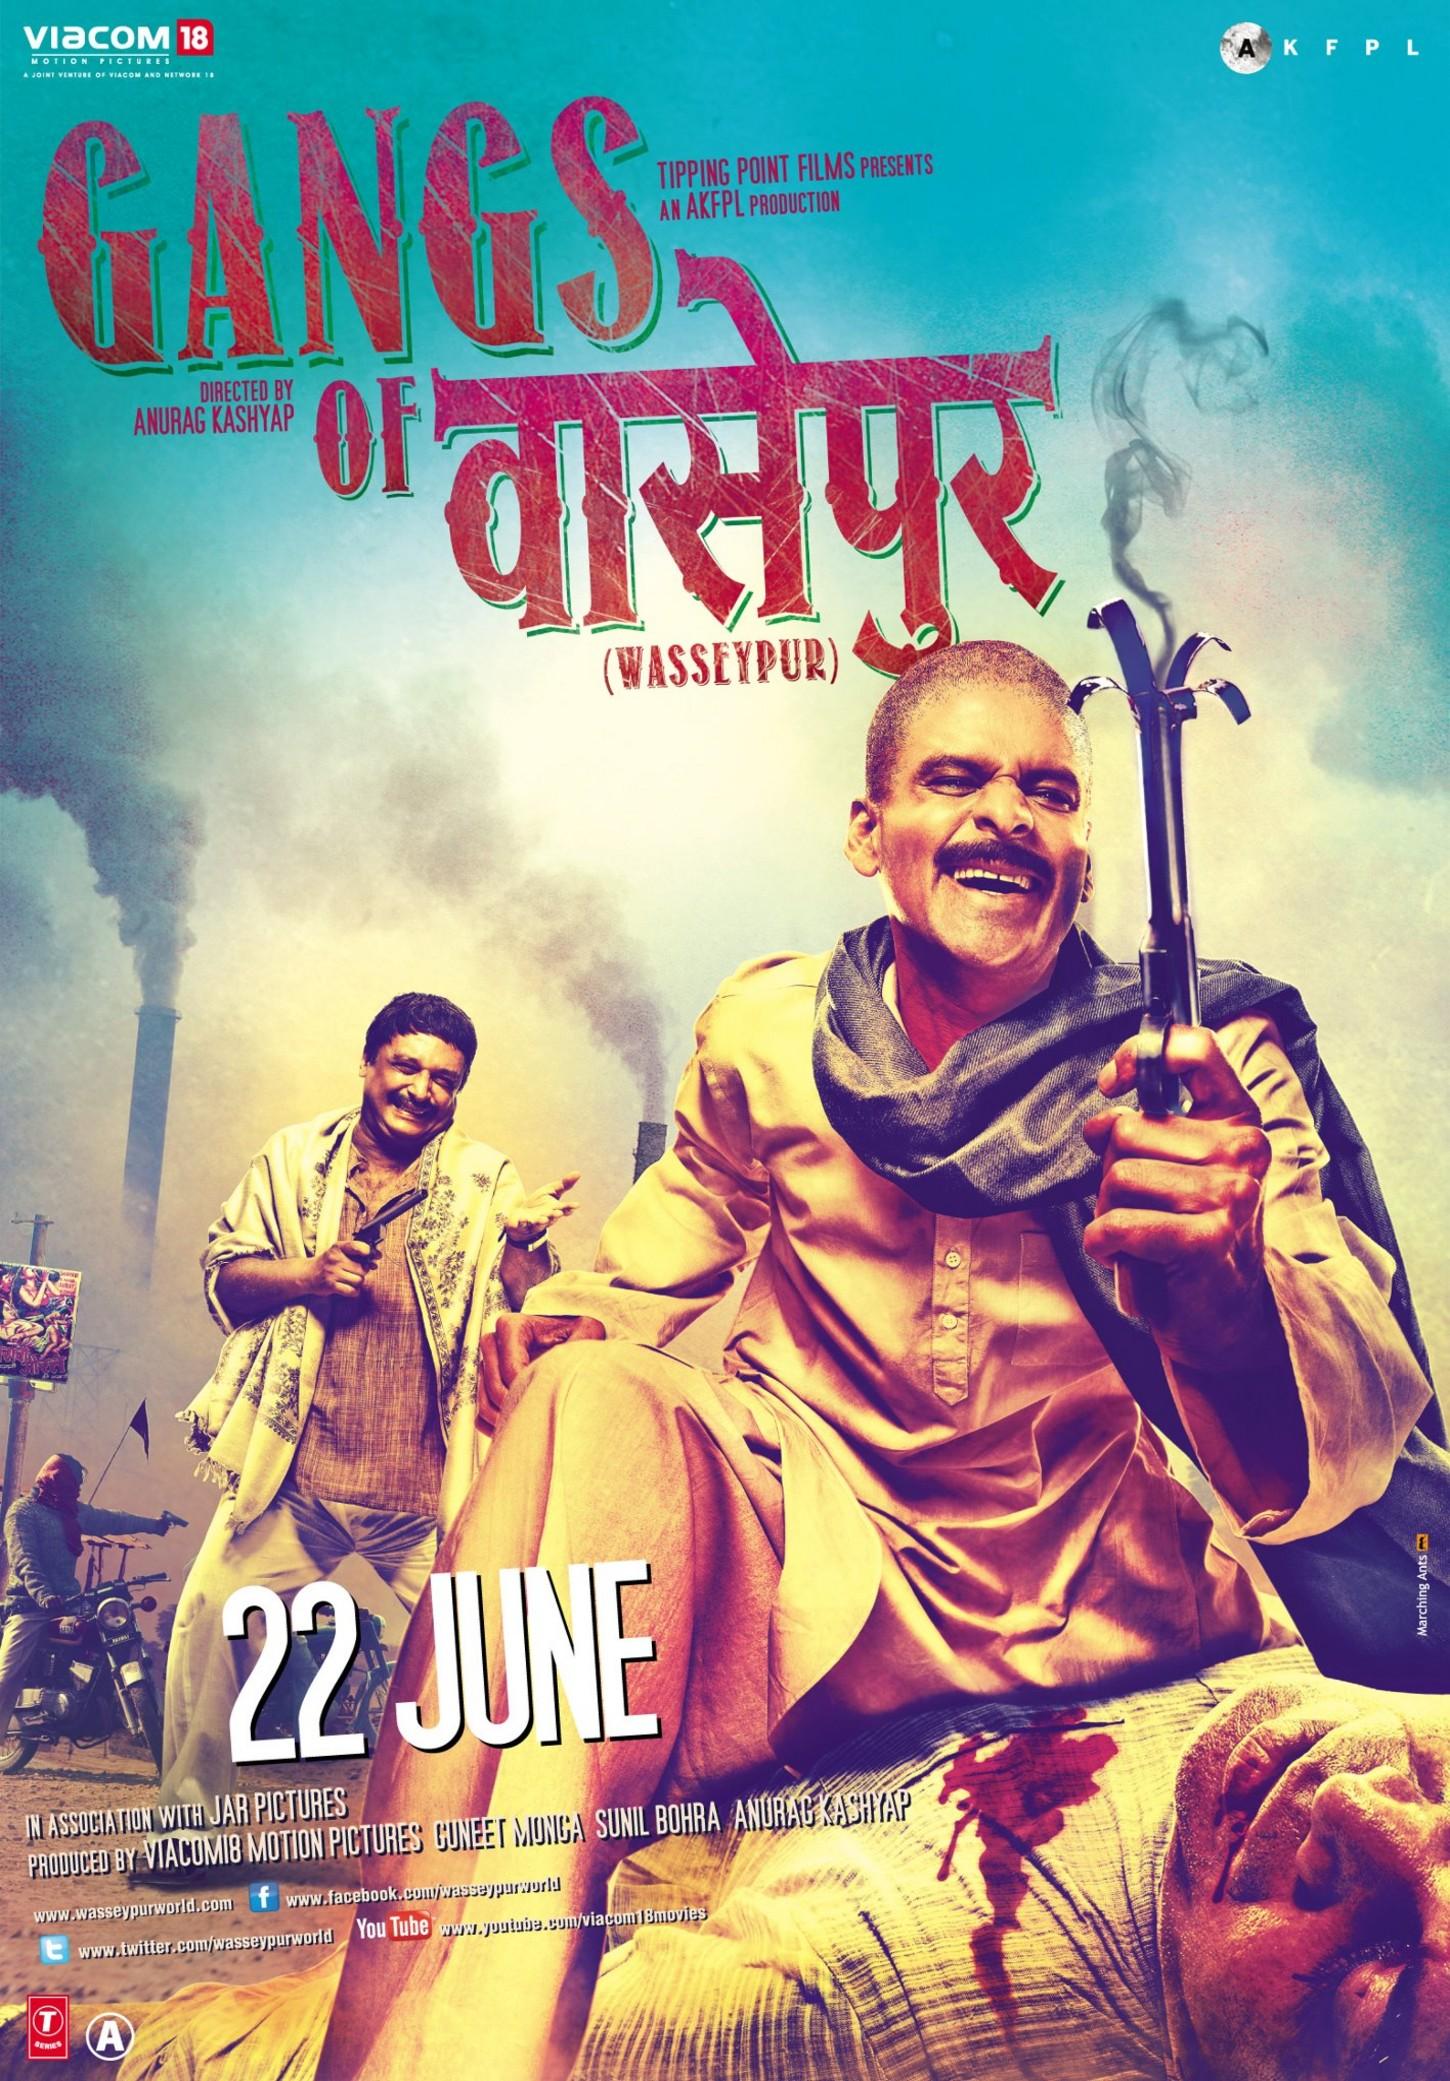 Gangs Of Wasseypur - Movie Poster #2 (Original)